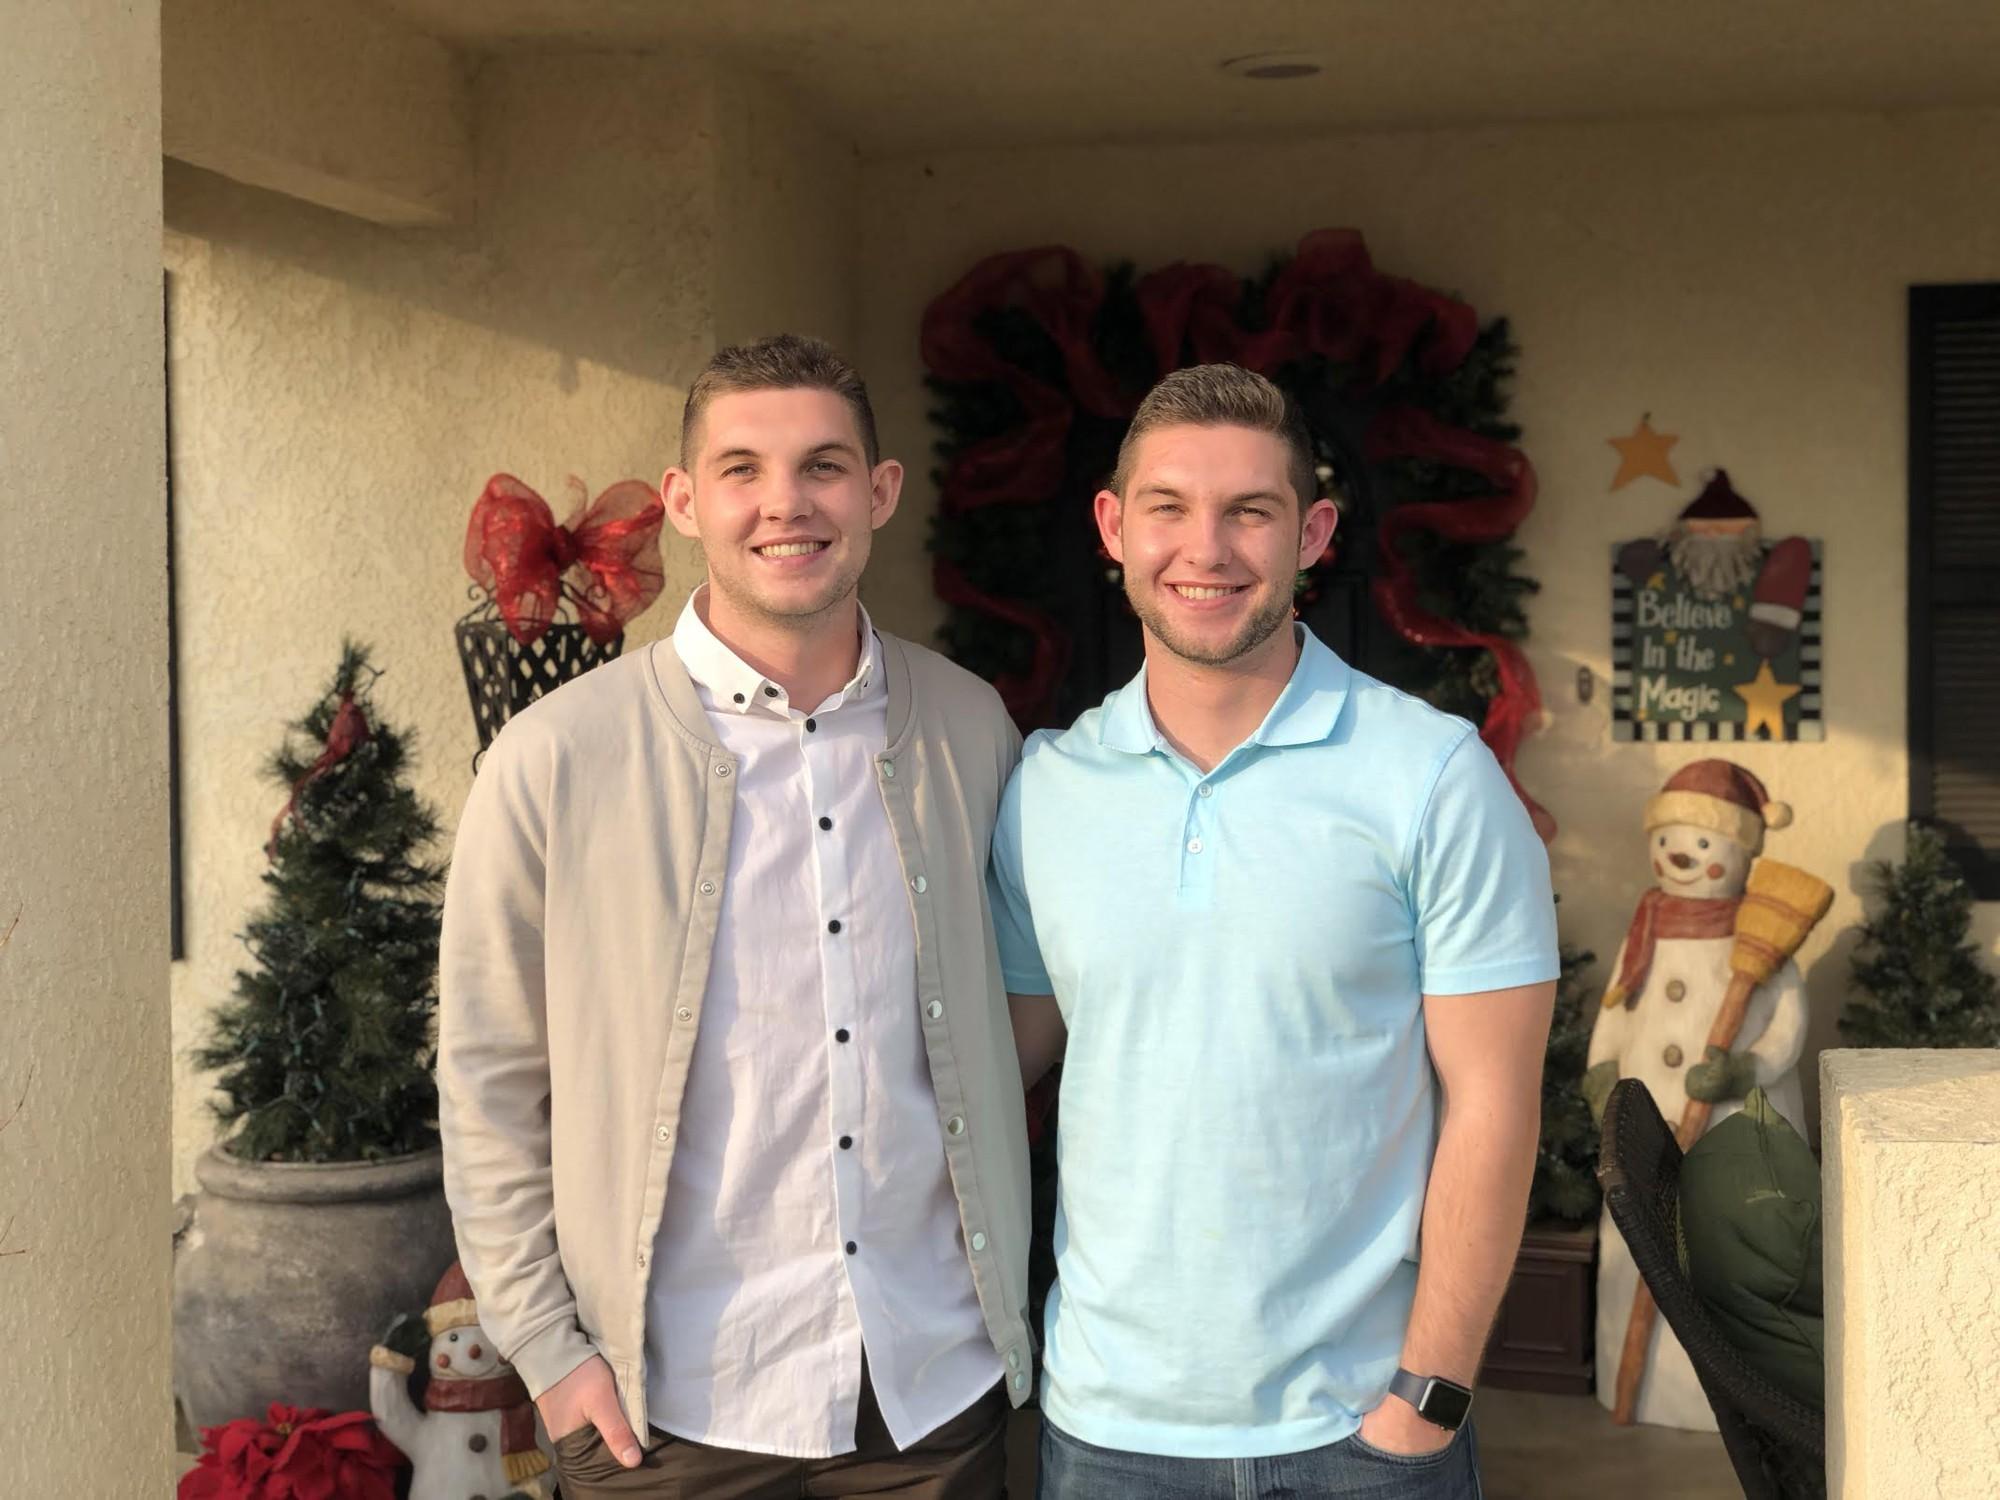 Vừa tốt nghiệp đại học tại Mỹ, hai anh em sinh đôi này đã được Apple nhận vào làm việc nhờ bí kíp trả lời phỏng vấn độc đáo - Ảnh 1.